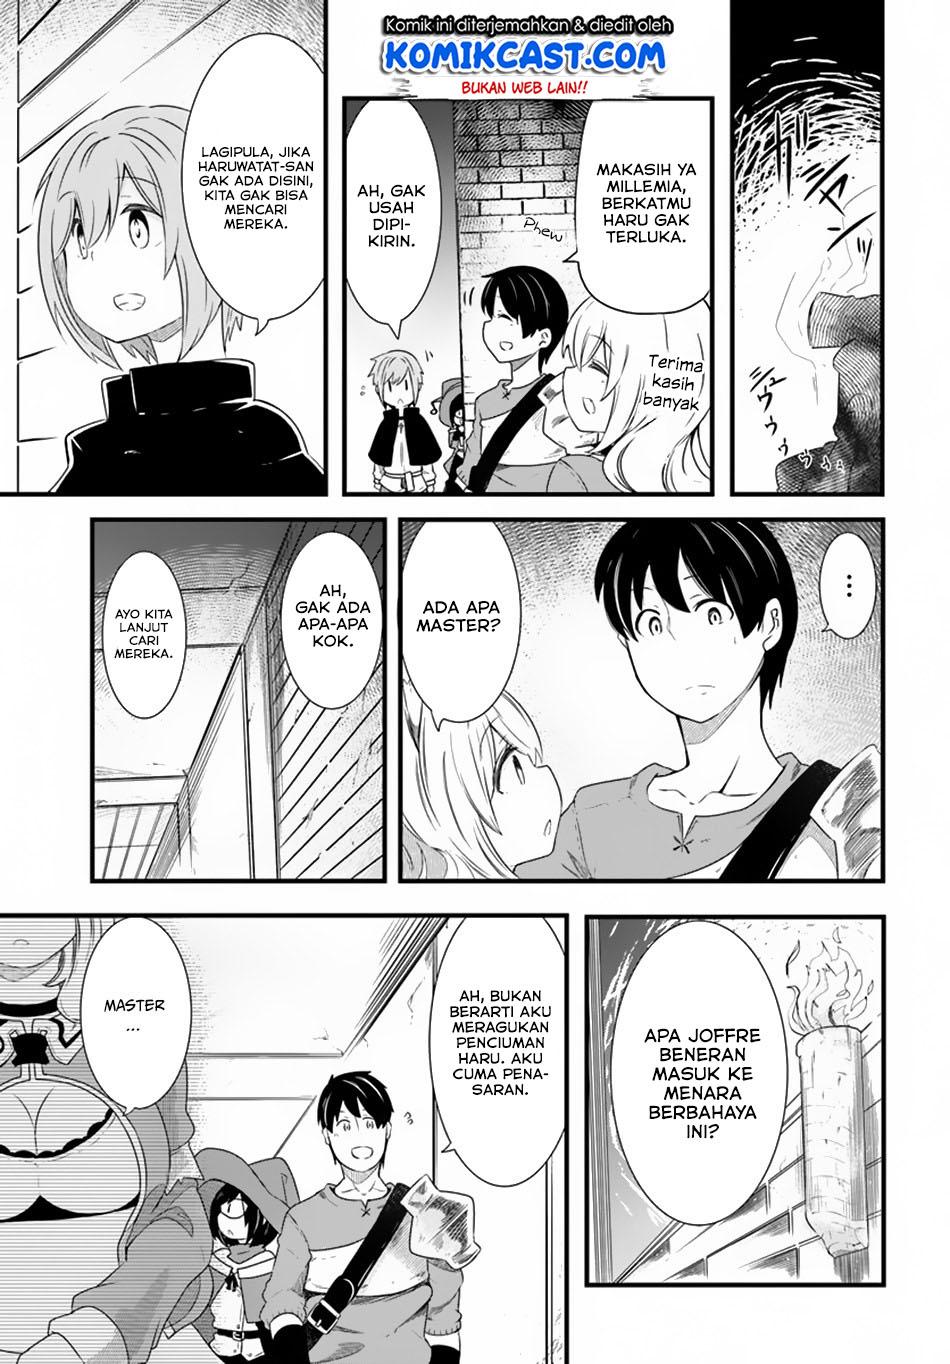 Seichou Cheat de Nandemo Dekiru you ni Natta ga, Mushoku dake wa Yamerarenai you desu: Chapter 24 - Page 24